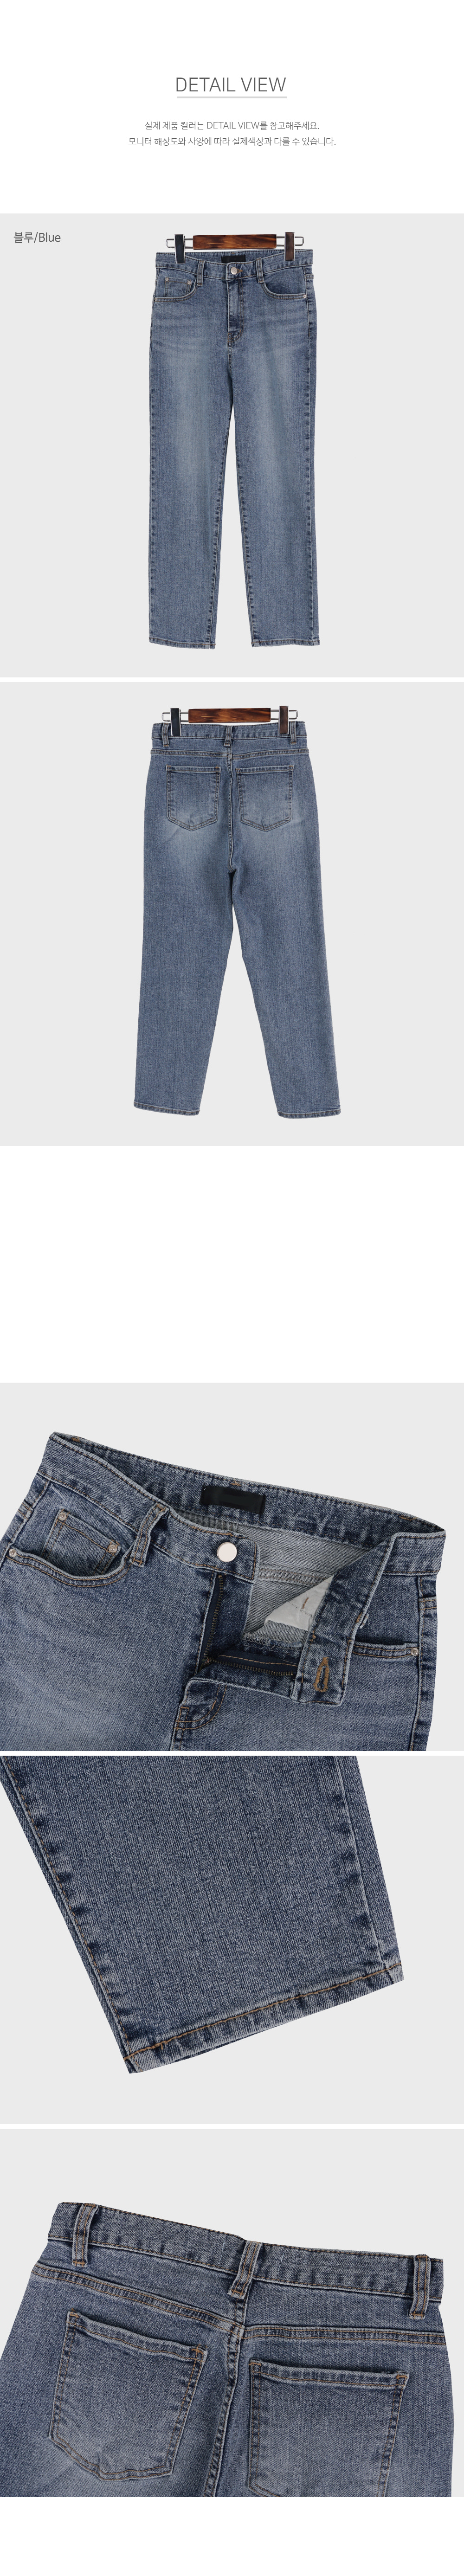 High Waist Straight Jeans-holiholic.com